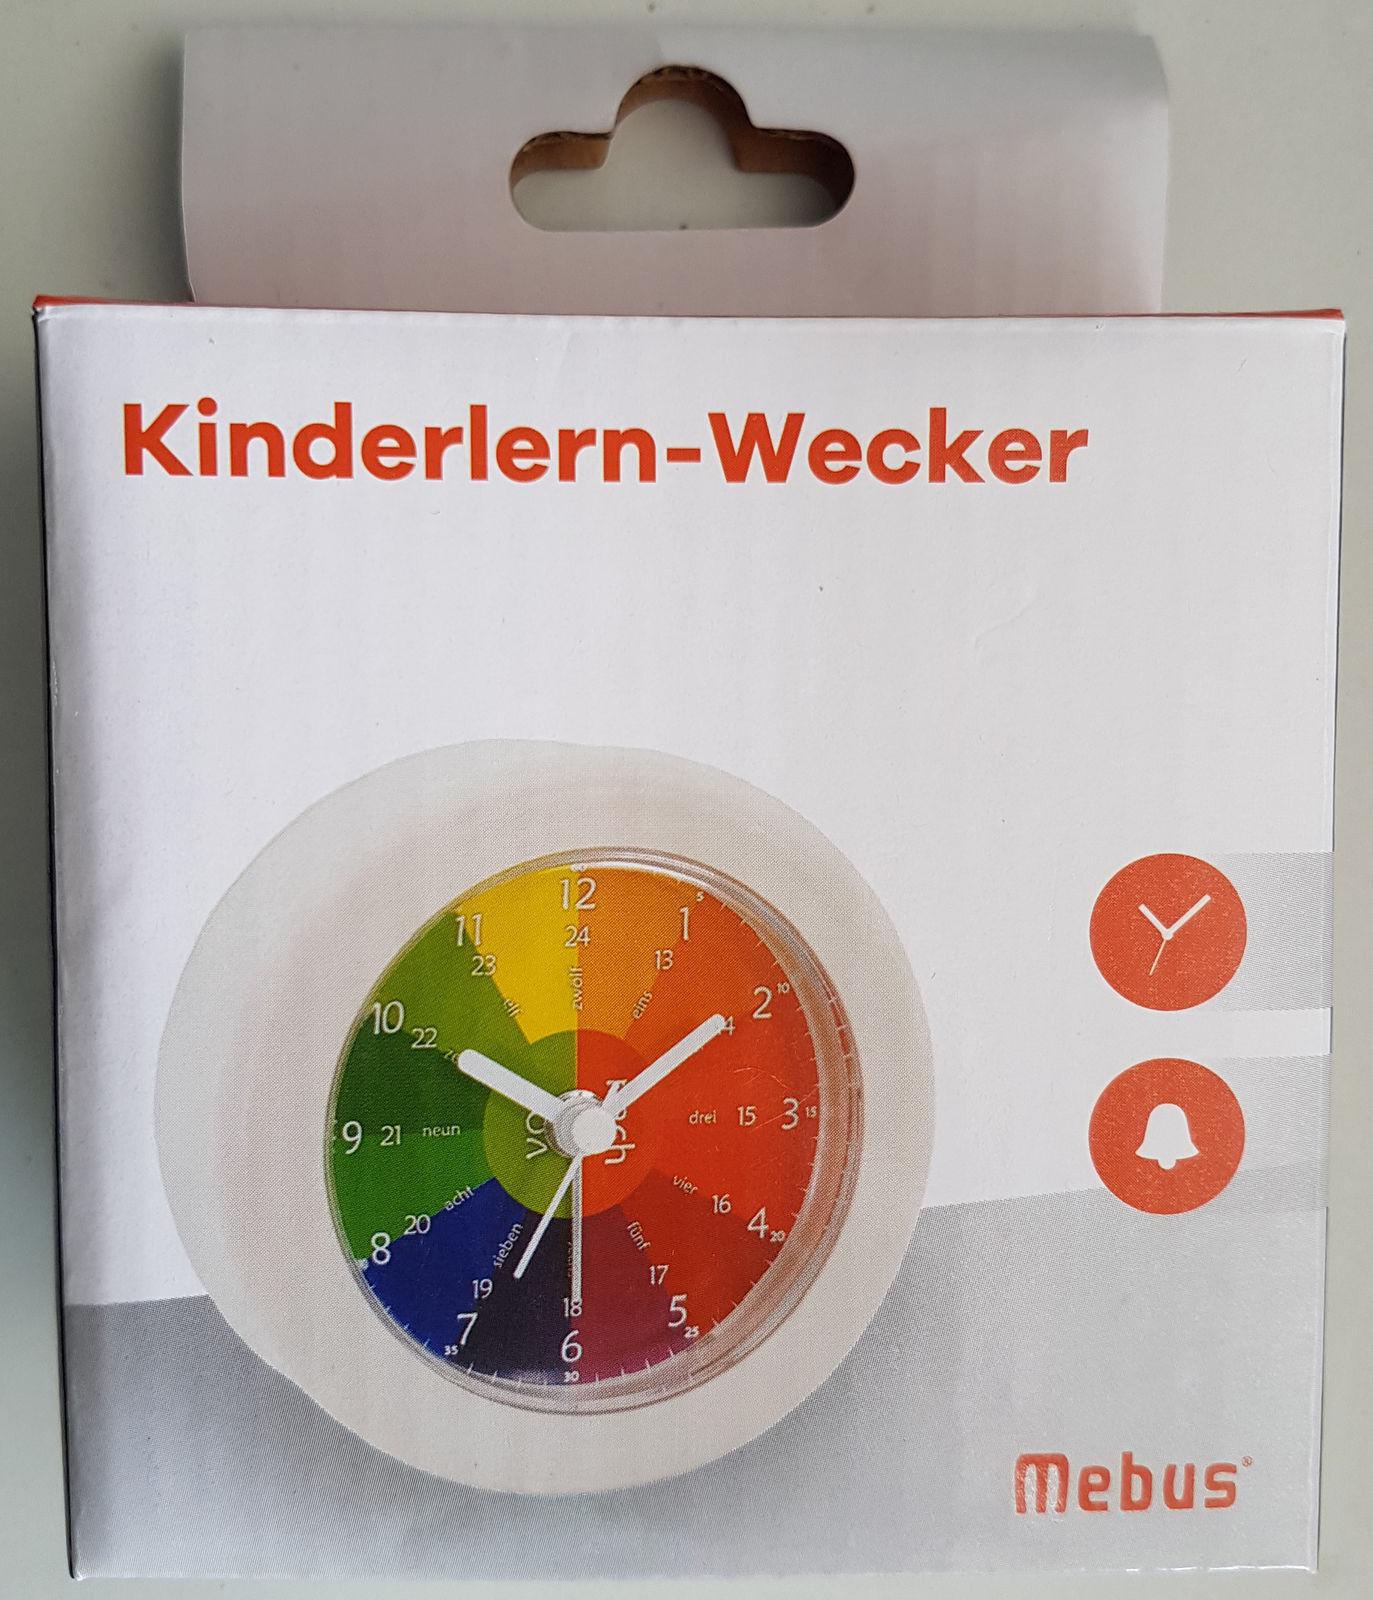 MEBUS KINDERLERN-WECKER Kinderuhr Uhr Wecker mit Quarzuhrwerk - WEIß - NEU OVP